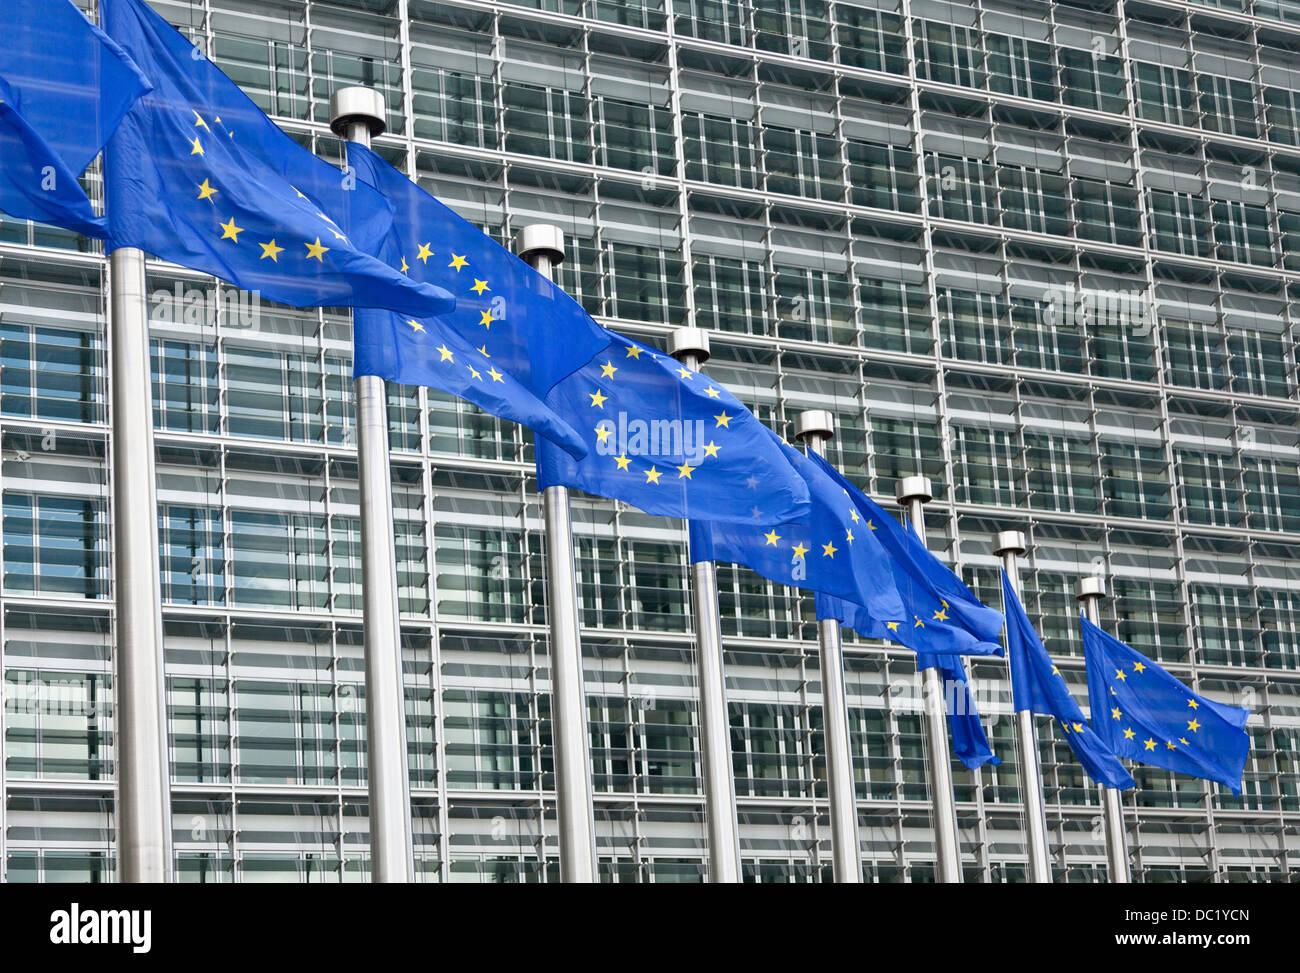 European parliament building, Brussels, Belgium - Stock Image